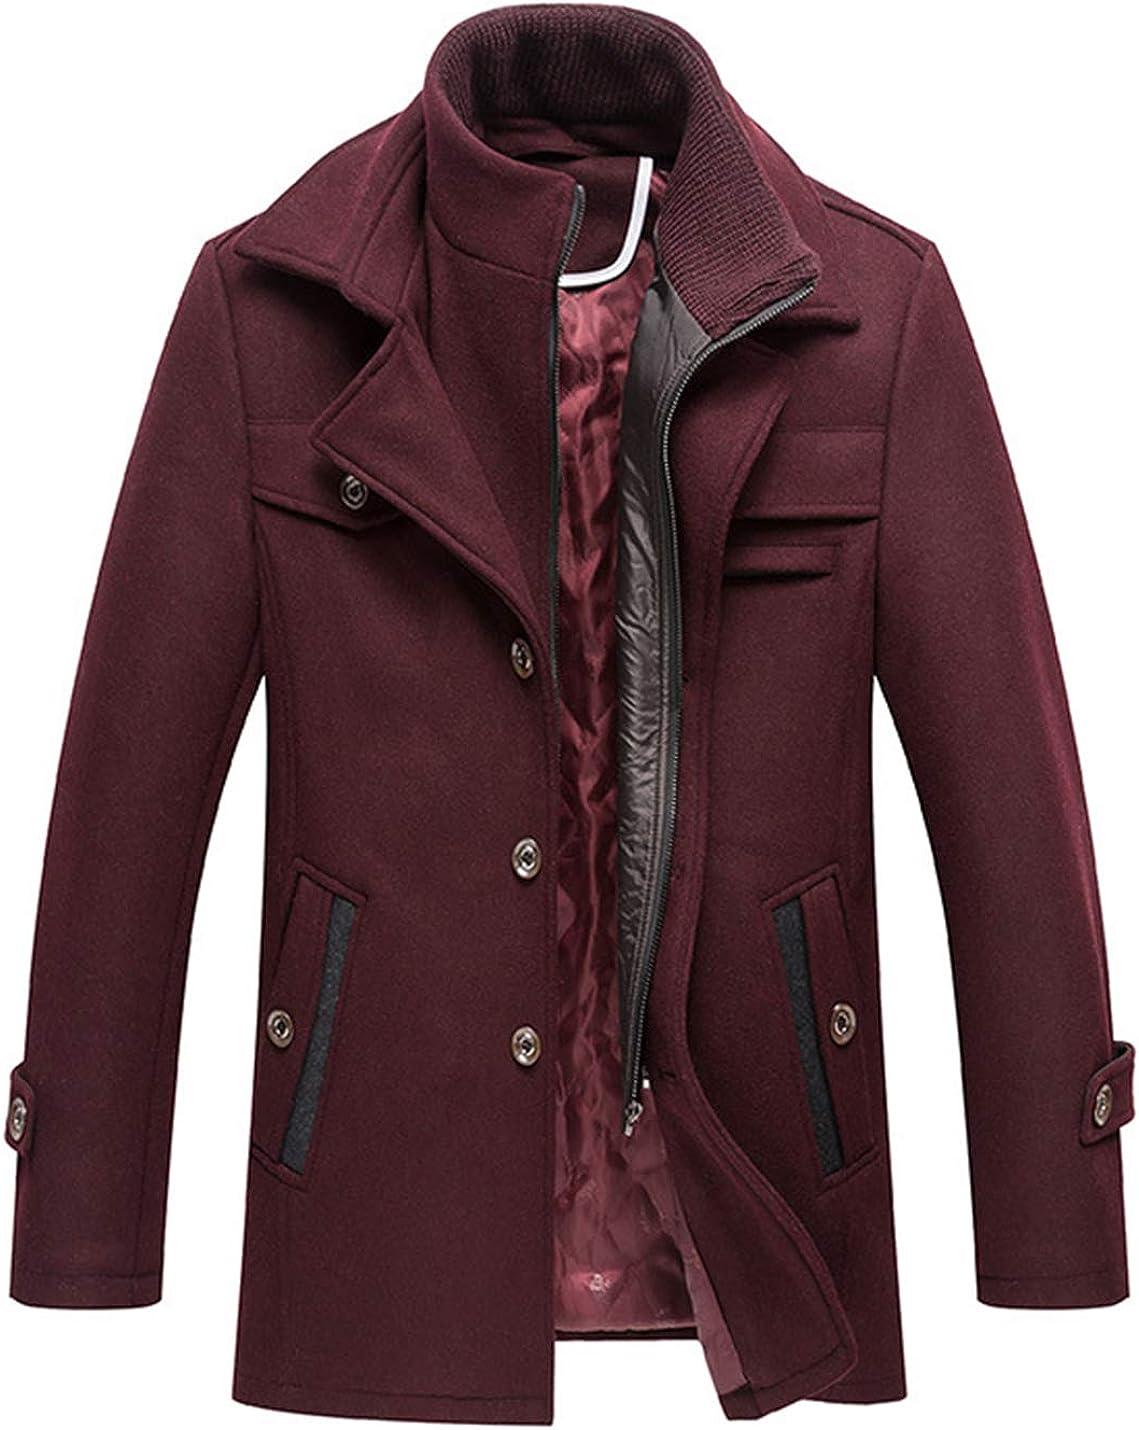 Yimoon Men's Wool Blend Overcoat Slim Winter Walker Coat with Bib